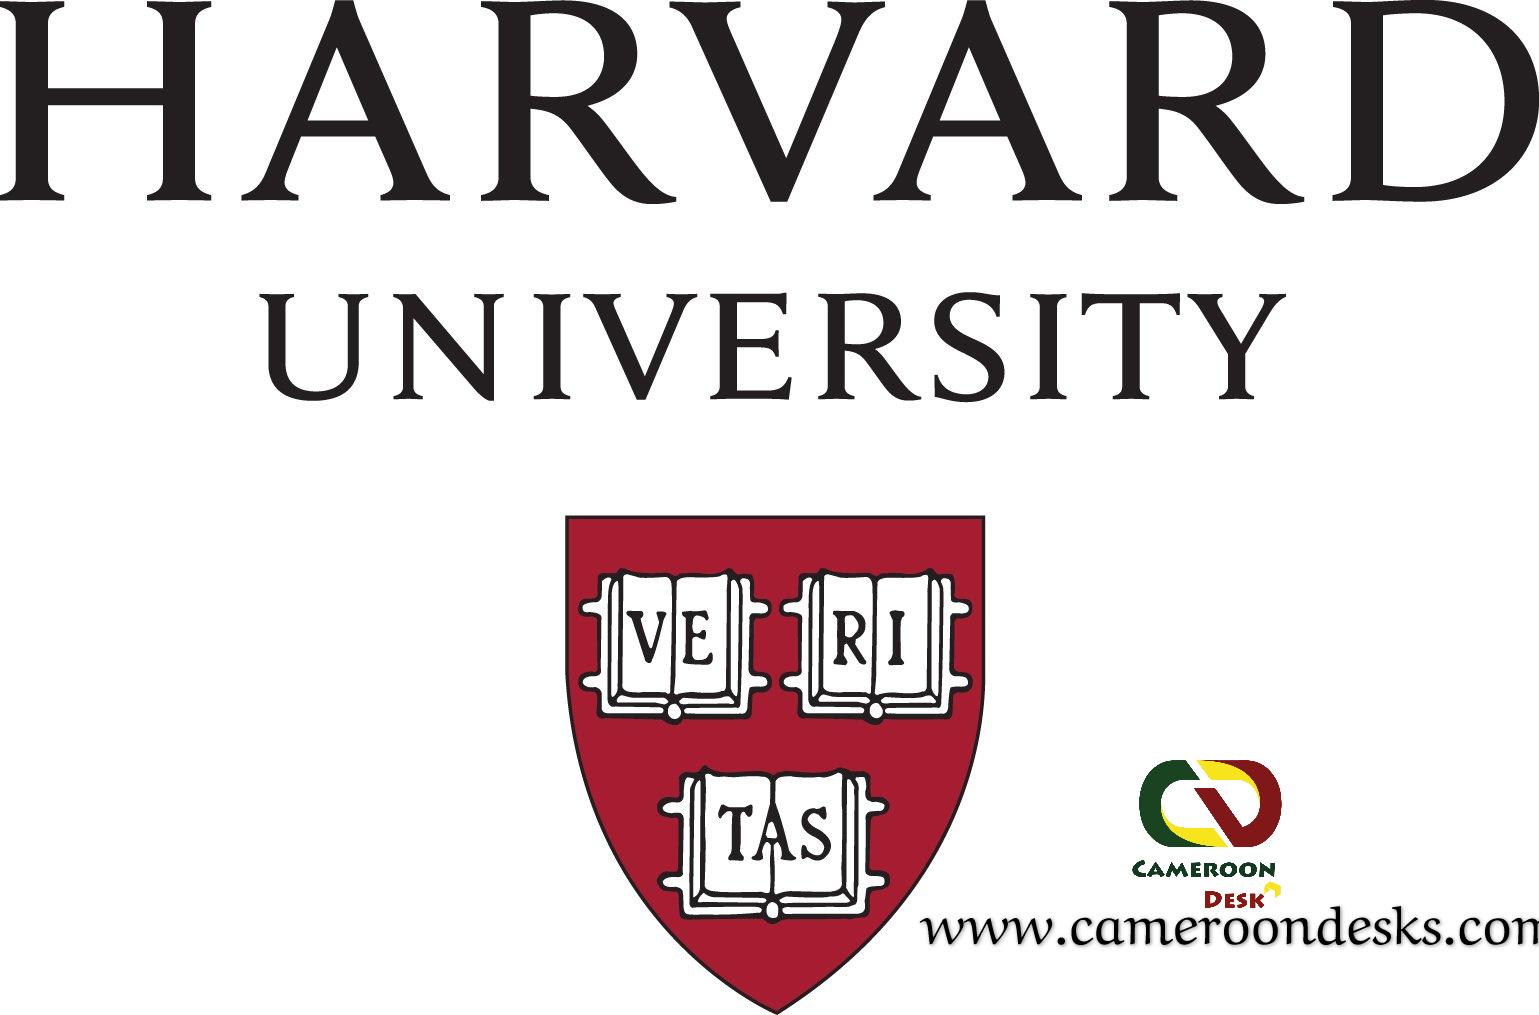 Programme de bourses de l'Académie de l'Université Harvard 2021/2022